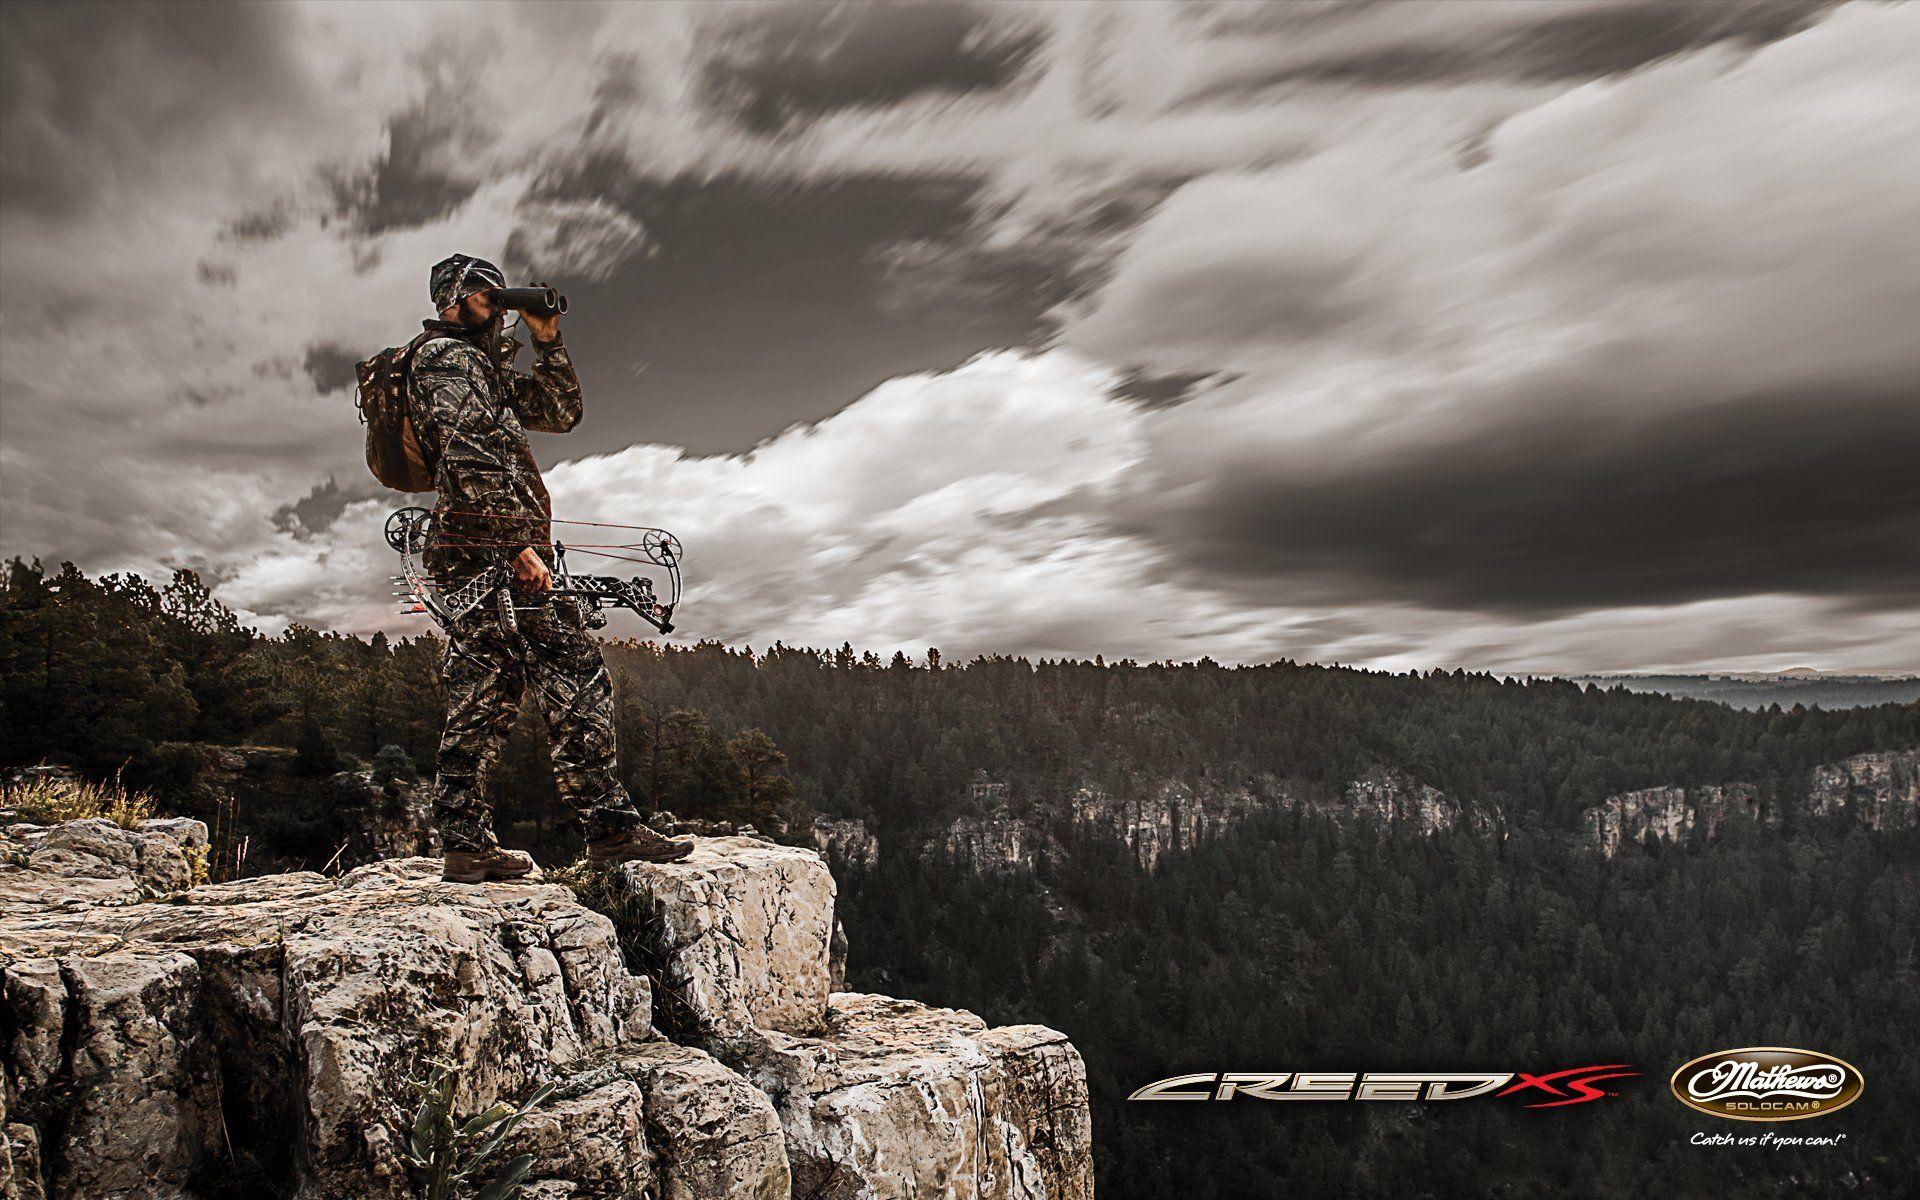 Красивые фотографии охоты для рабочего стола многих людей